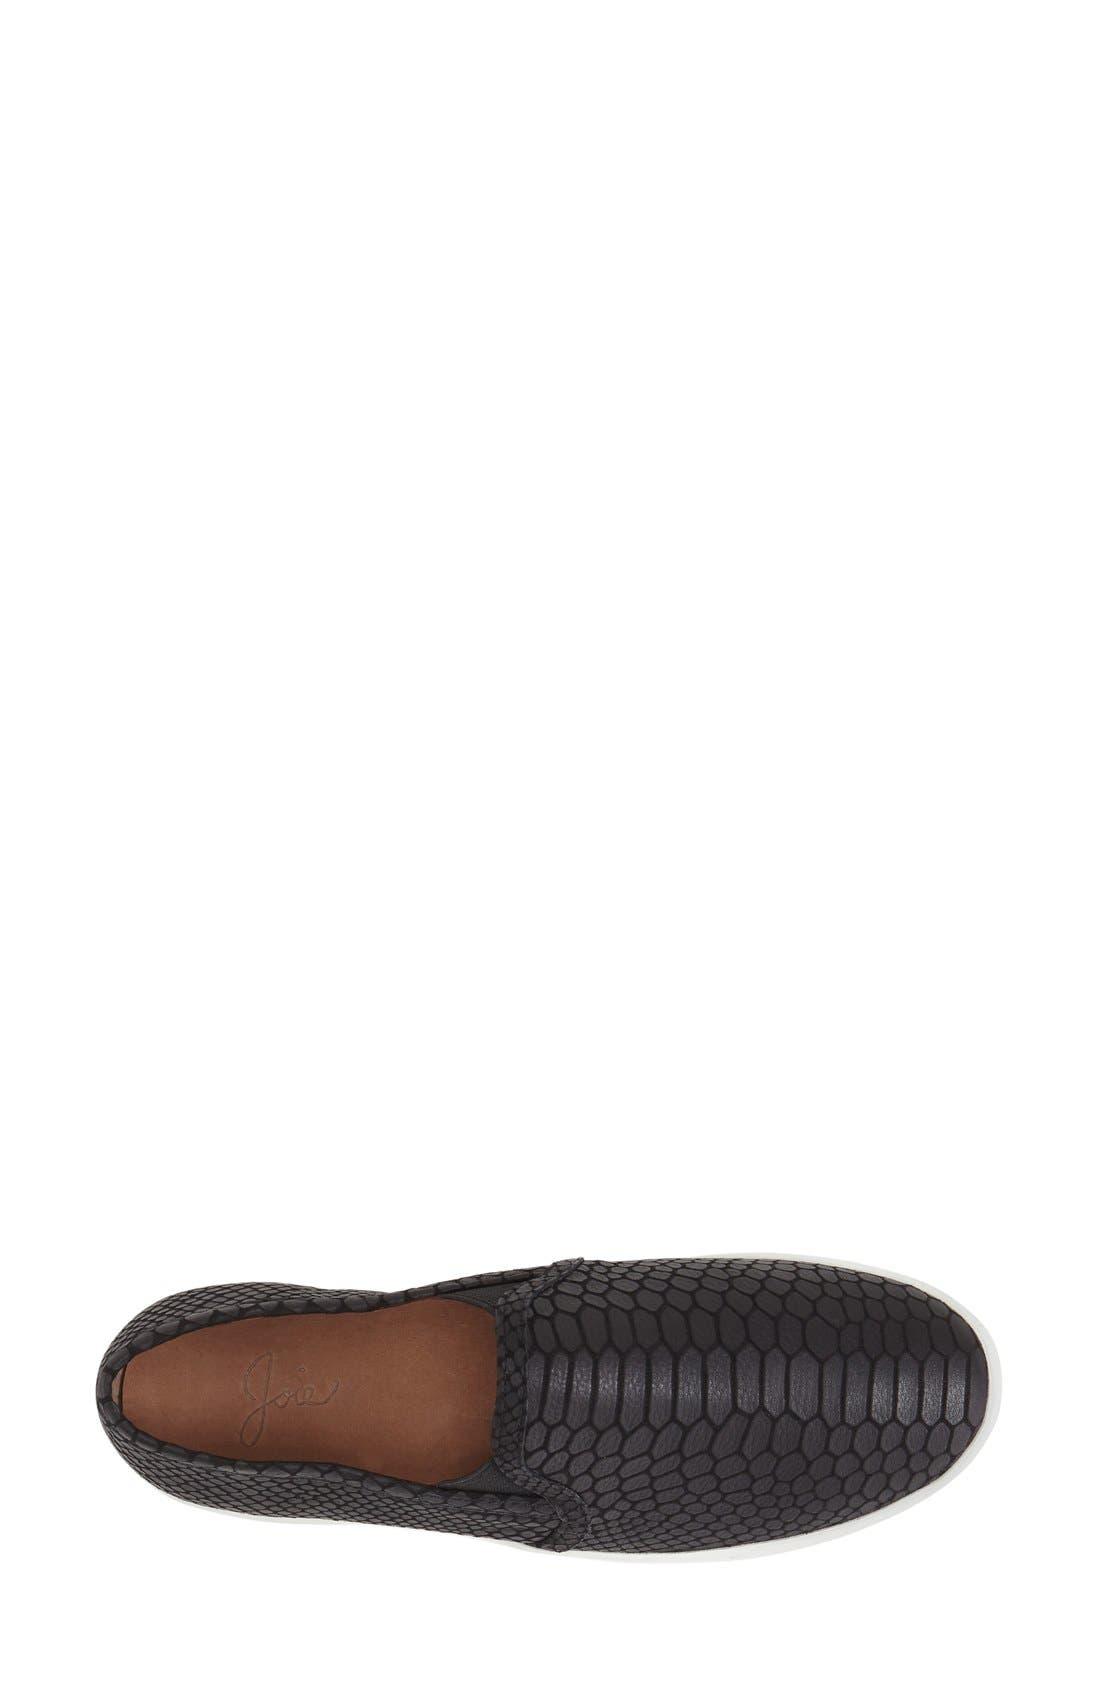 'Kidmore' Sneaker,                             Alternate thumbnail 11, color,